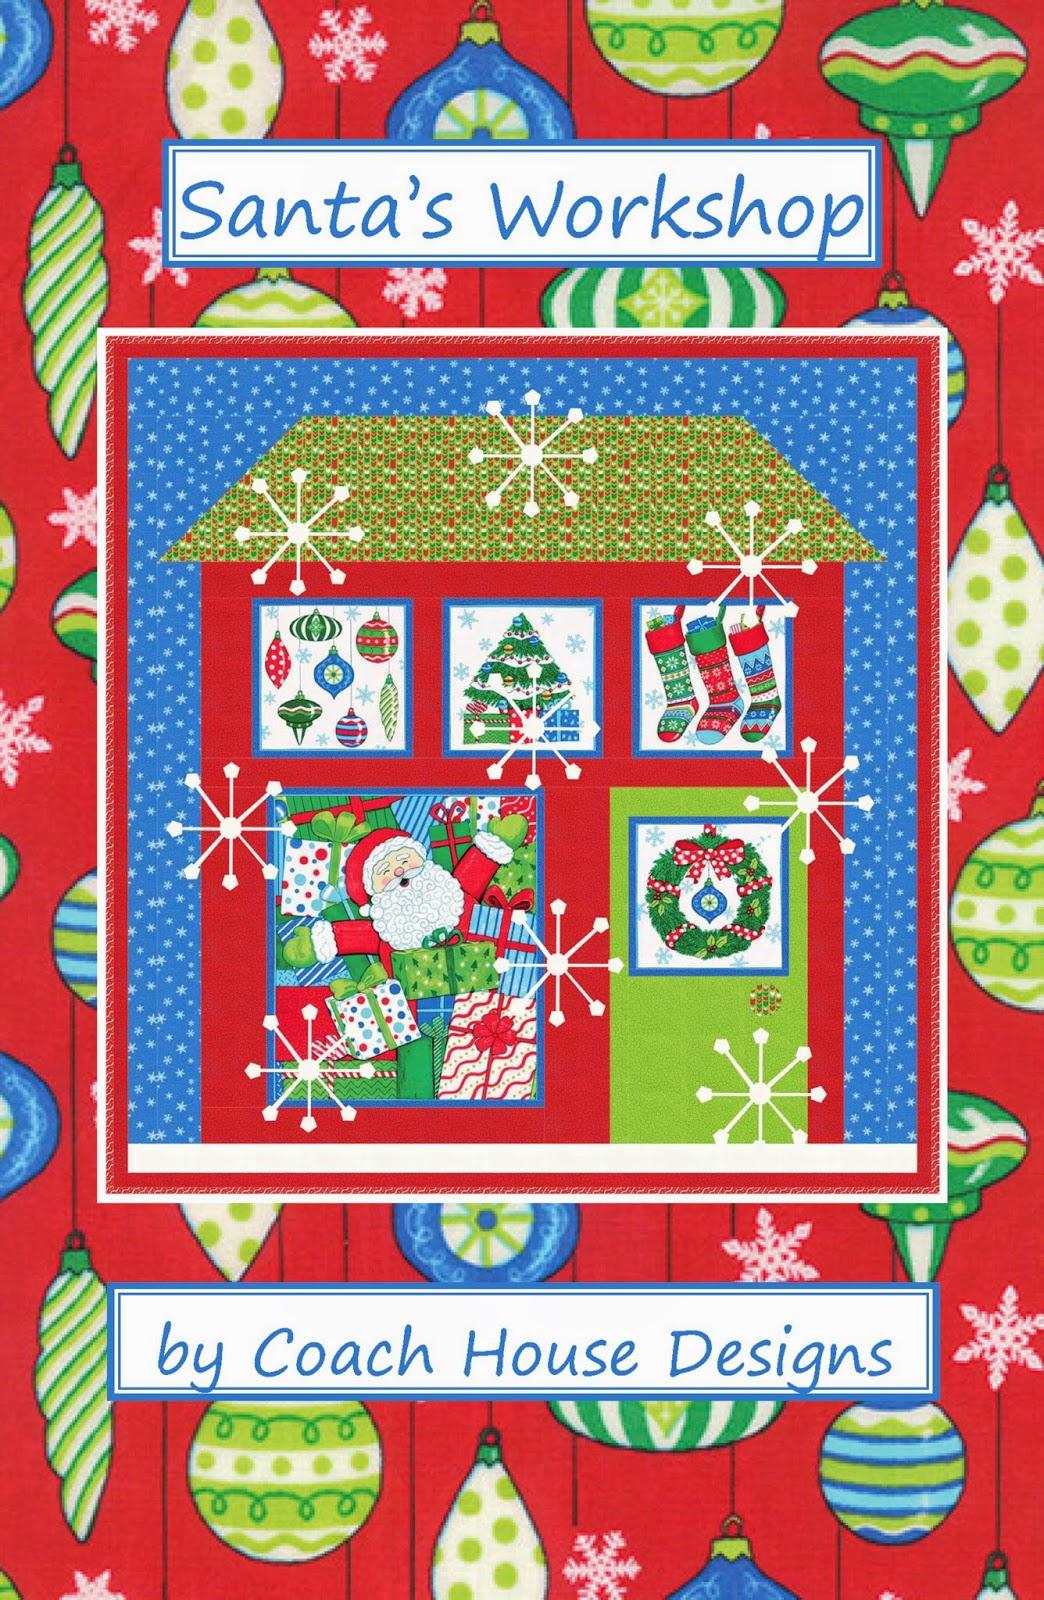 http://2.bp.blogspot.com/-1uaHh37X-74/VUDY4Np0RII/AAAAAAAABTg/kNKRILph_g0/s1600/Santa's%2BWorkshop%2BCover%2BR.tiff